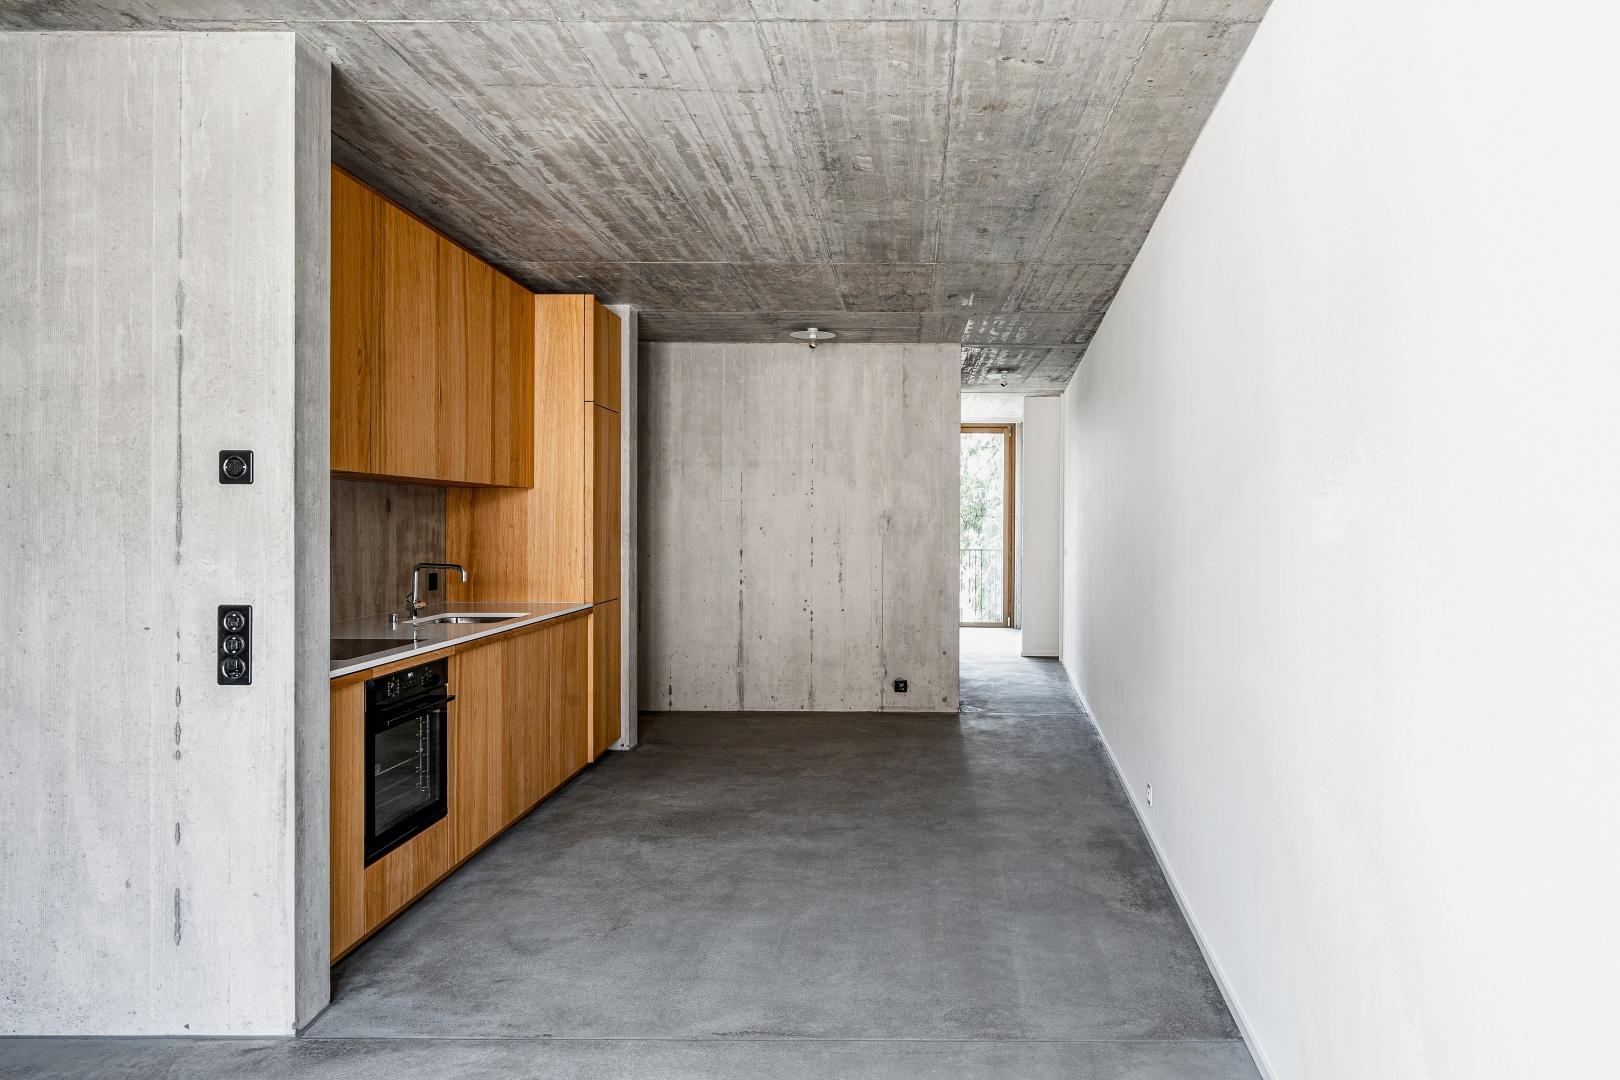 Die weiss verputzte Brandmauer zieht sich an der innenliegenden Küche vorbei von einer Fassadenseite zur anderen.  © Boris Haberthuer